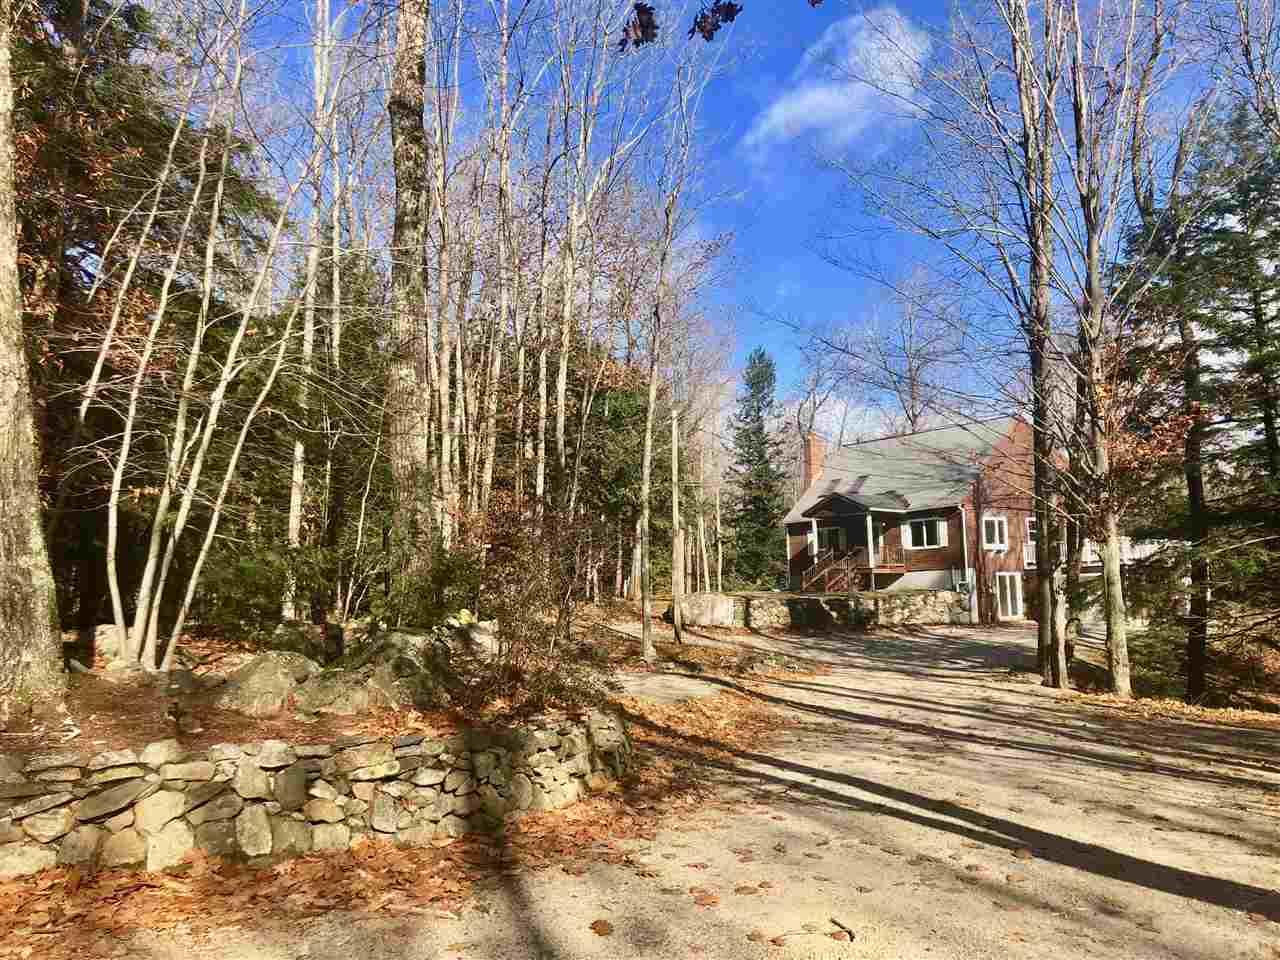 Photo of 86 Alton Mountain Road Alton NH 03810